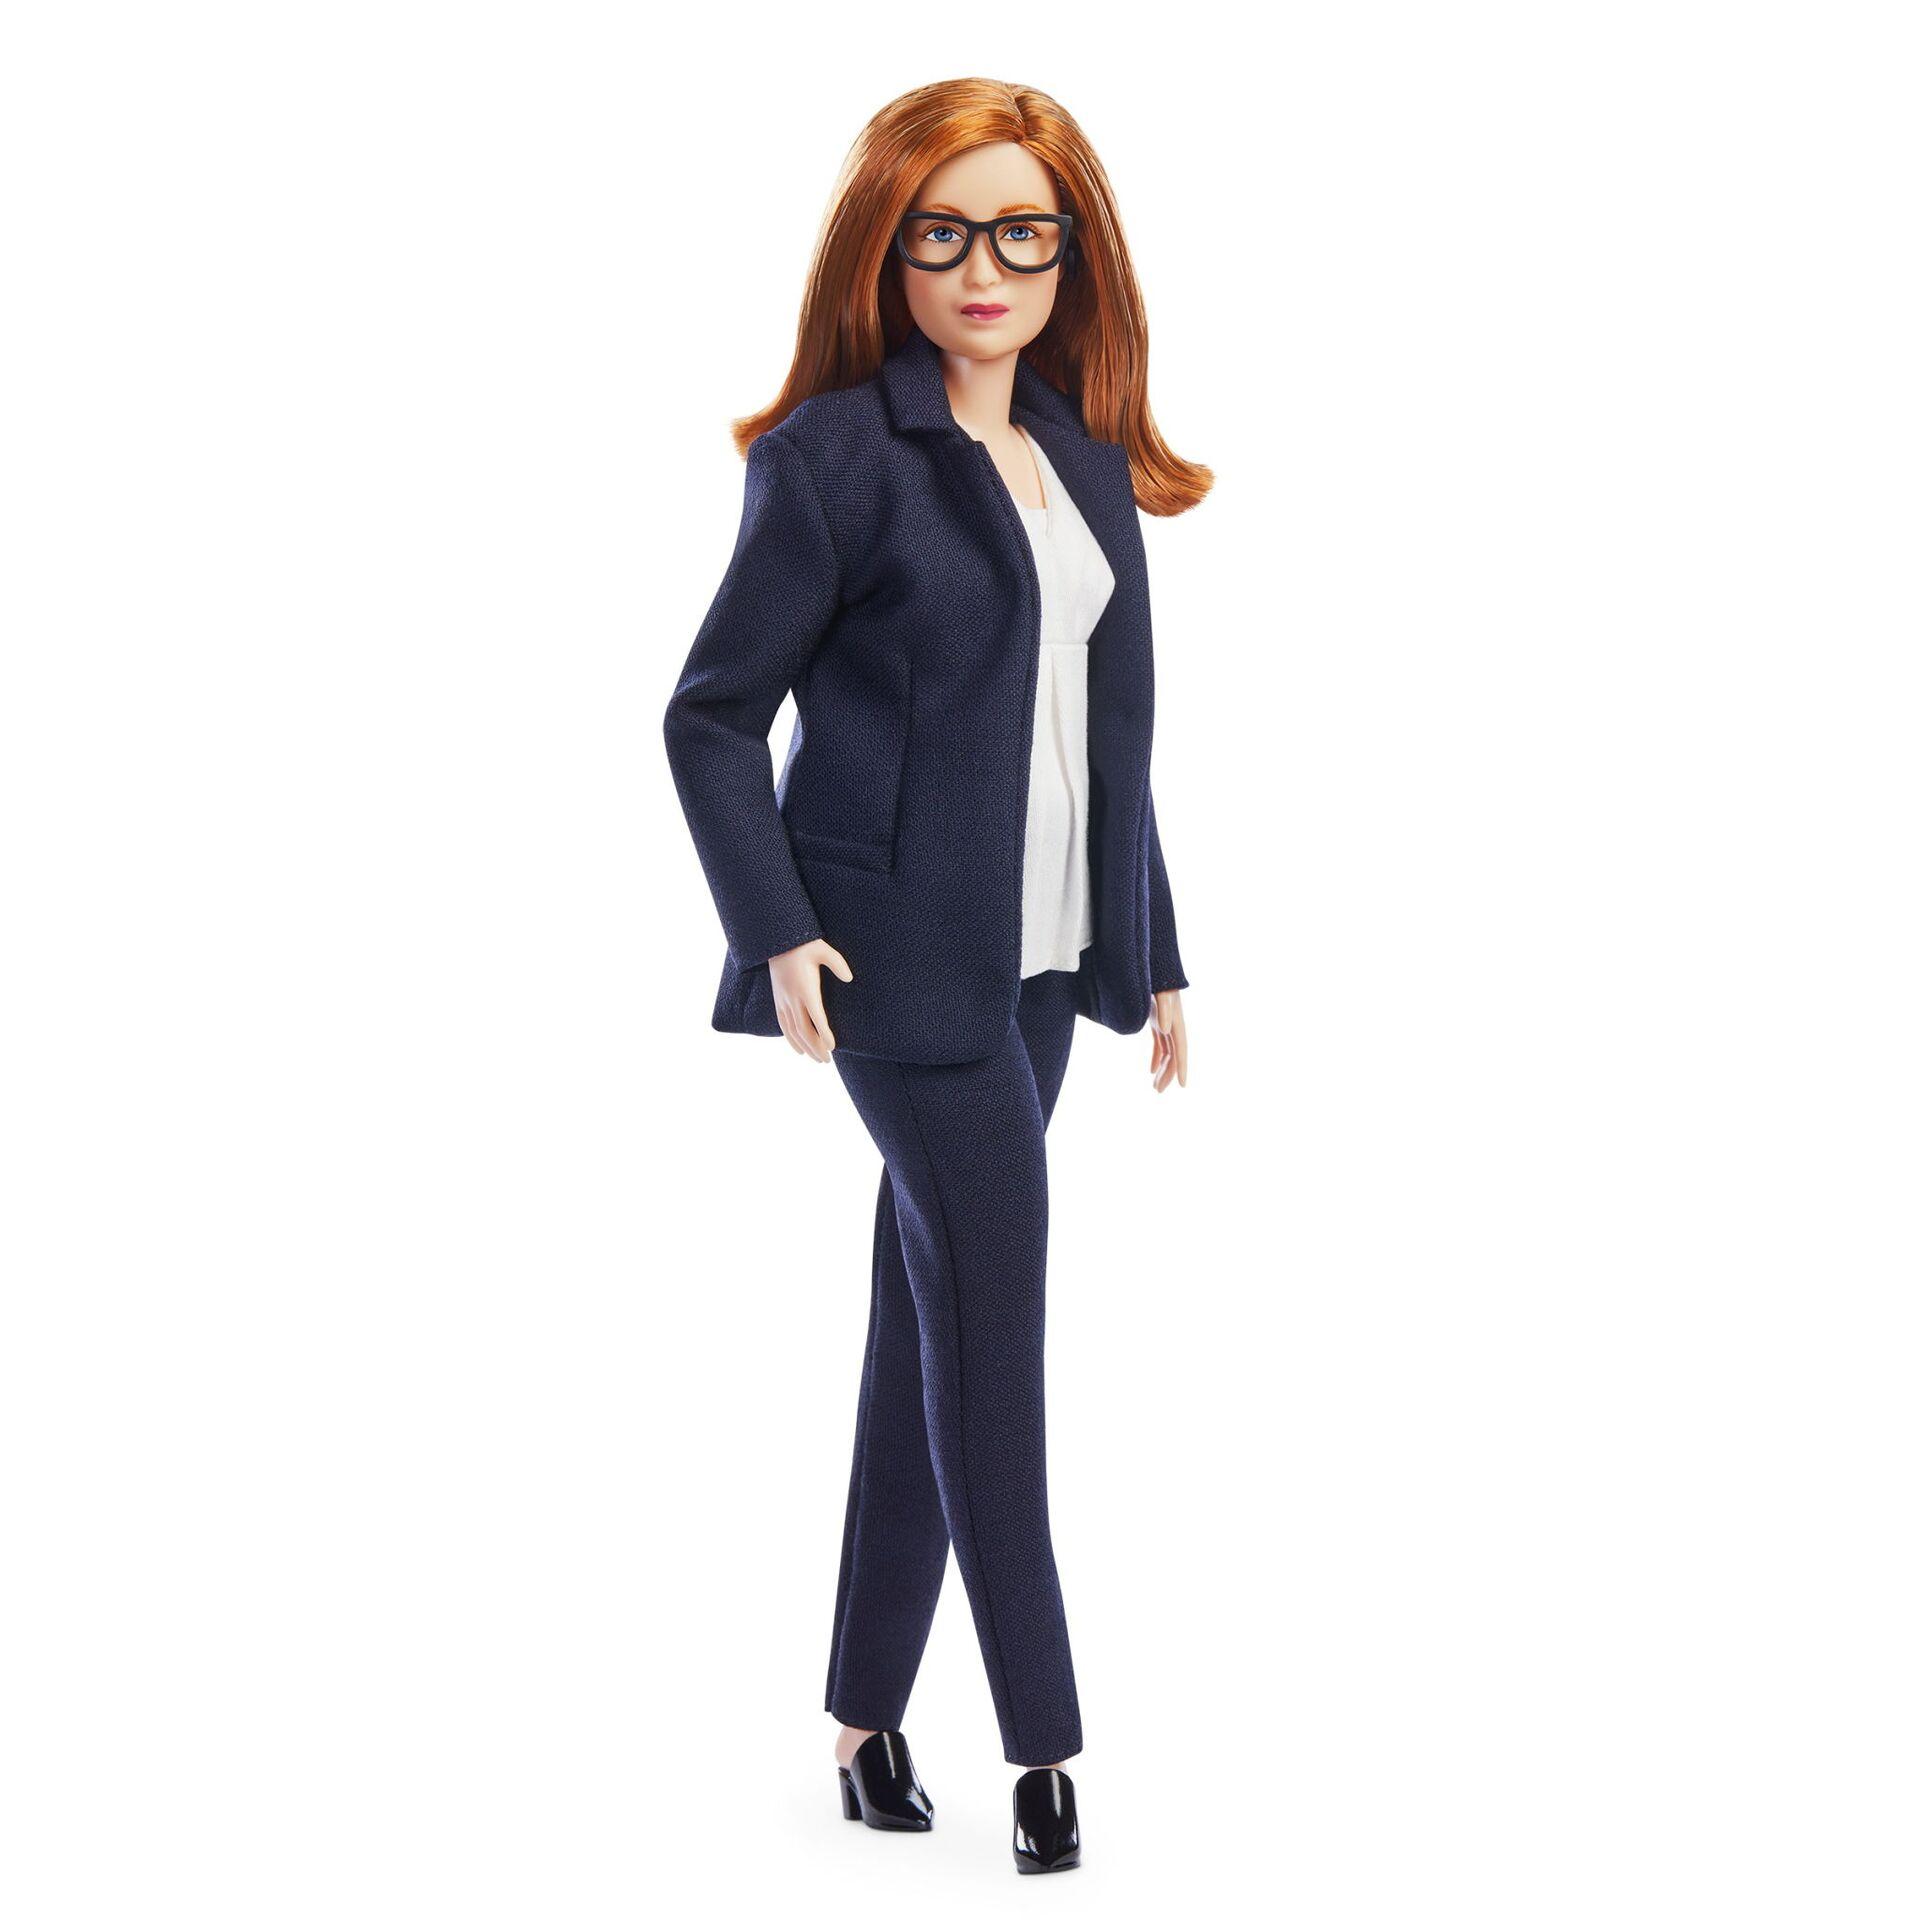 Oxford-AstraZeneca aşısının mucidi Sarah Gilbert, kendisini onurlandırmak için Barbie bebek çıkarılmasını Gelecek kuşaklardaki kızlara bilim kariyeri yapmaları için esin kaynağı olmayı ve bebeğimi gören çocukların bilimin dünyaya yardım etmek için yaşamsal önemde olduğunu anlamalarını umuyorum diye değerlendirdi. - Sputnik Türkiye, 1920, 10.08.2021